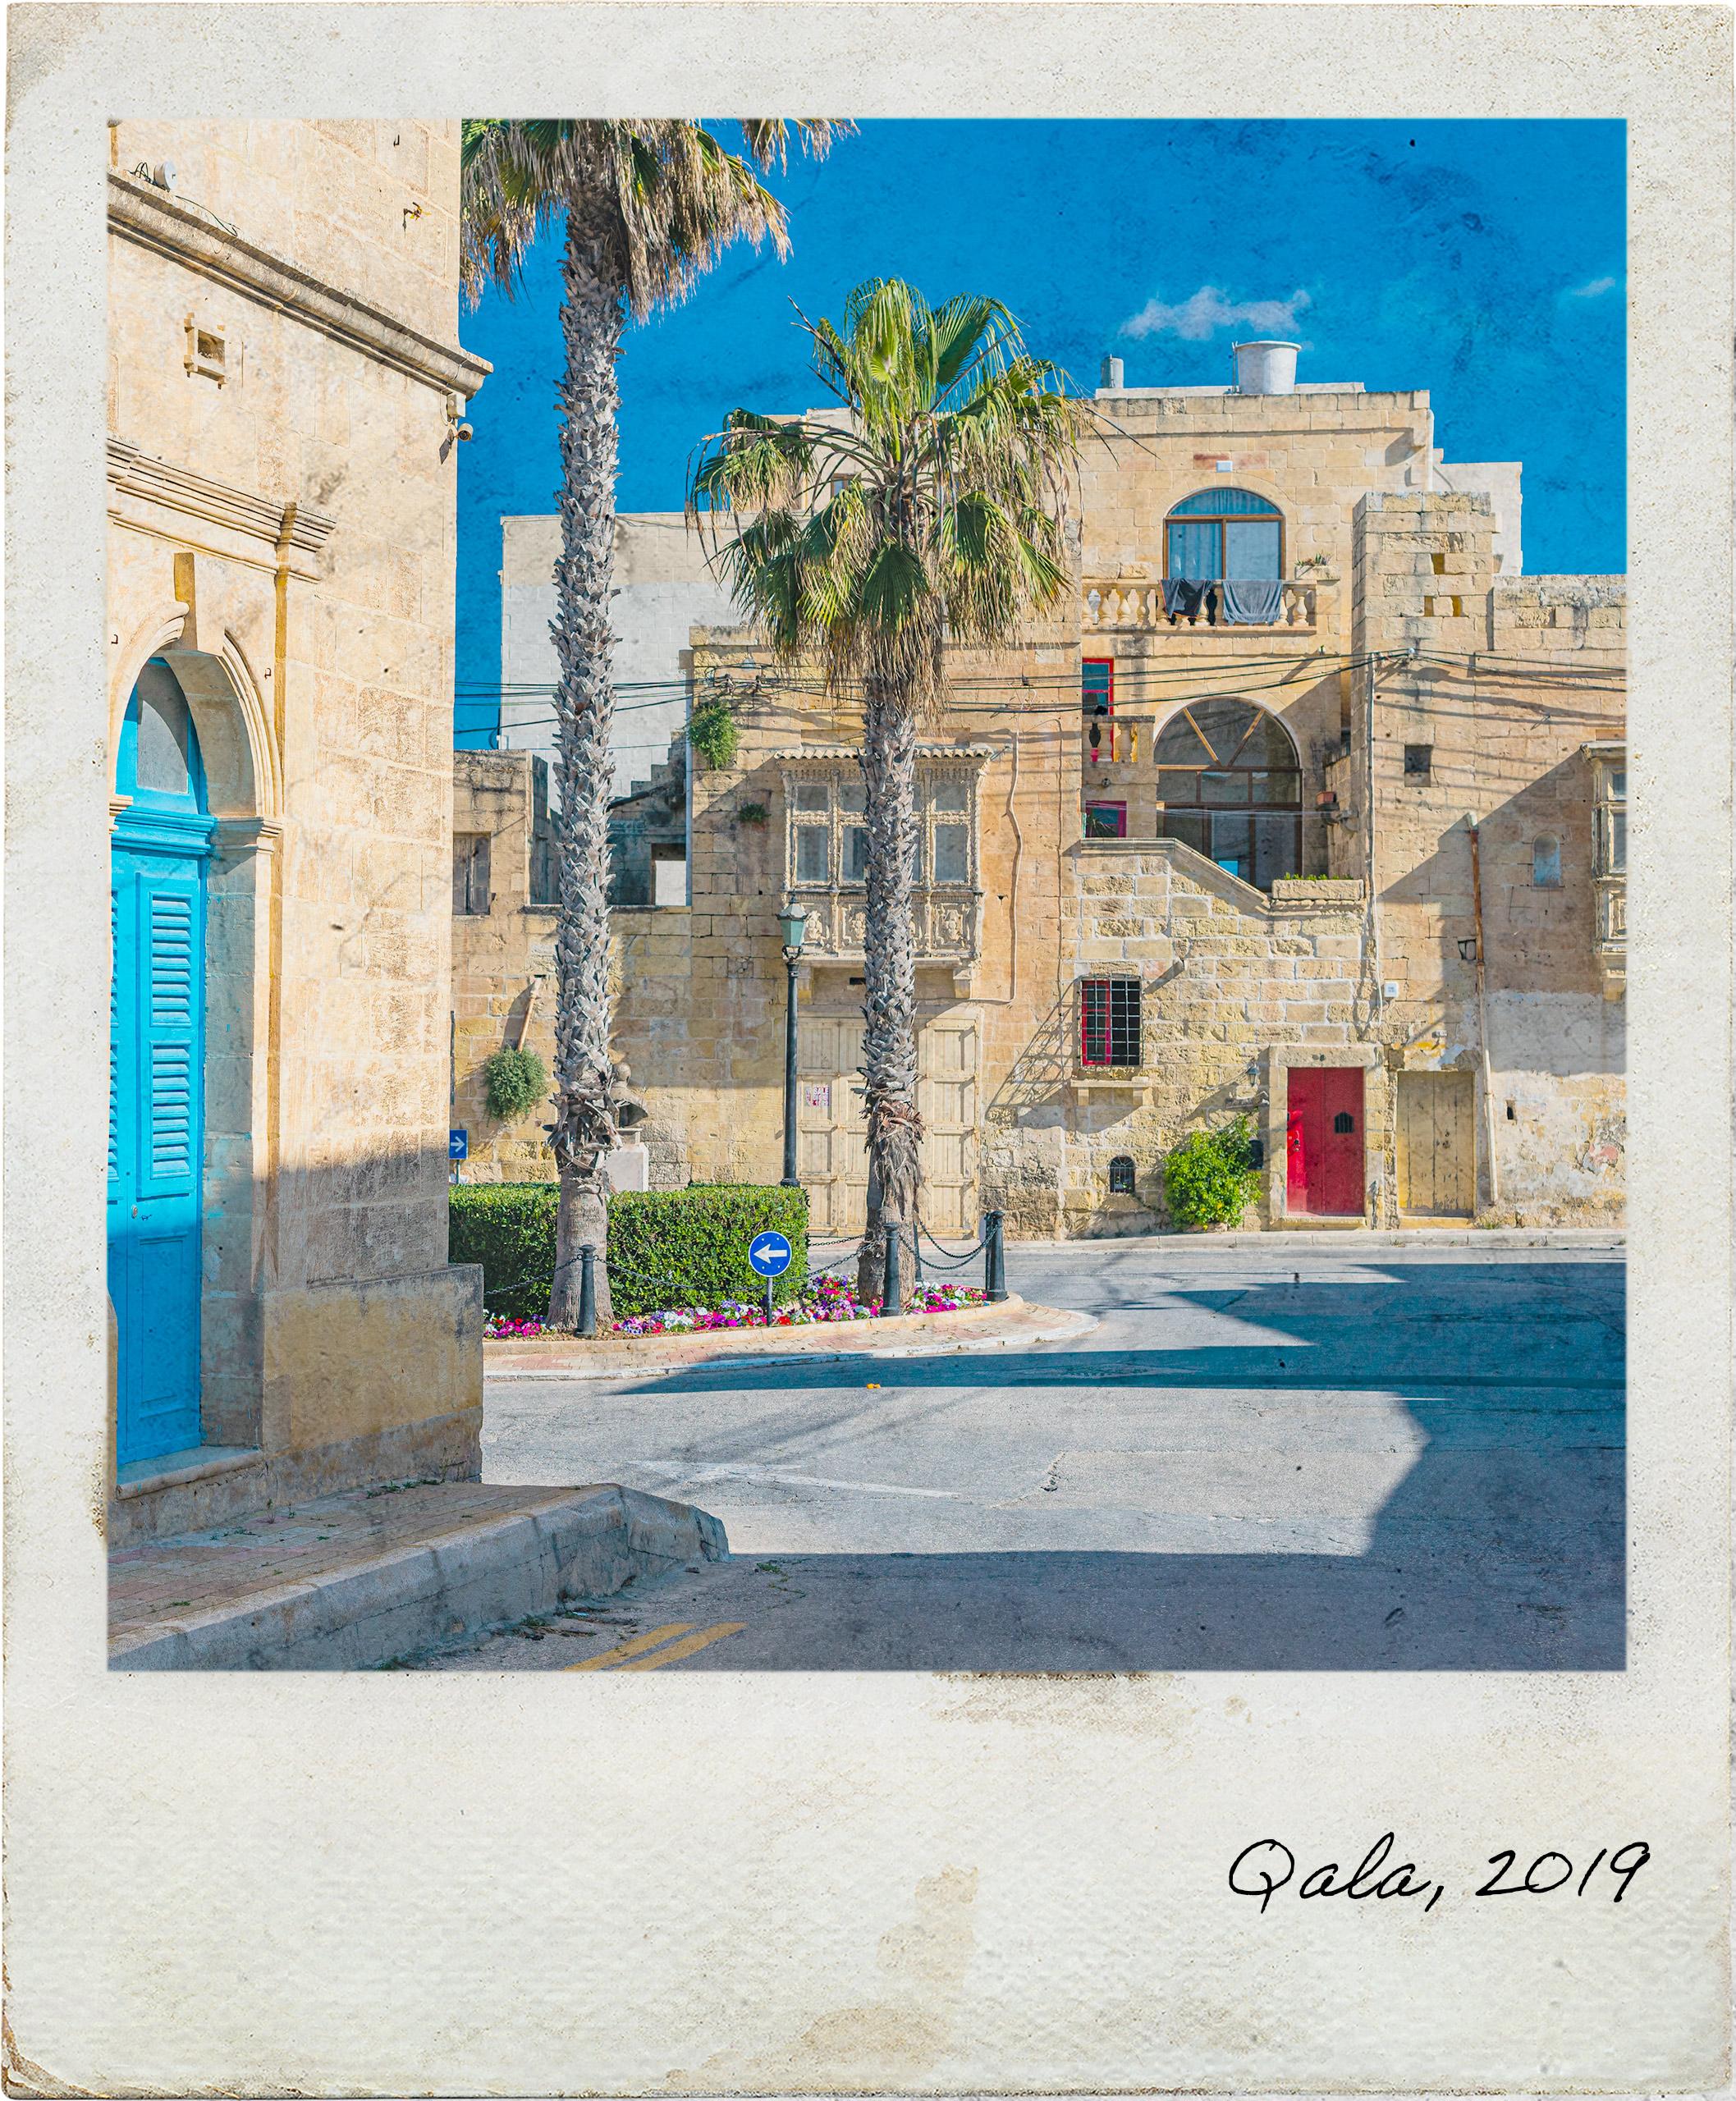 Edifícios antigos em Qala, ilha de Gozo